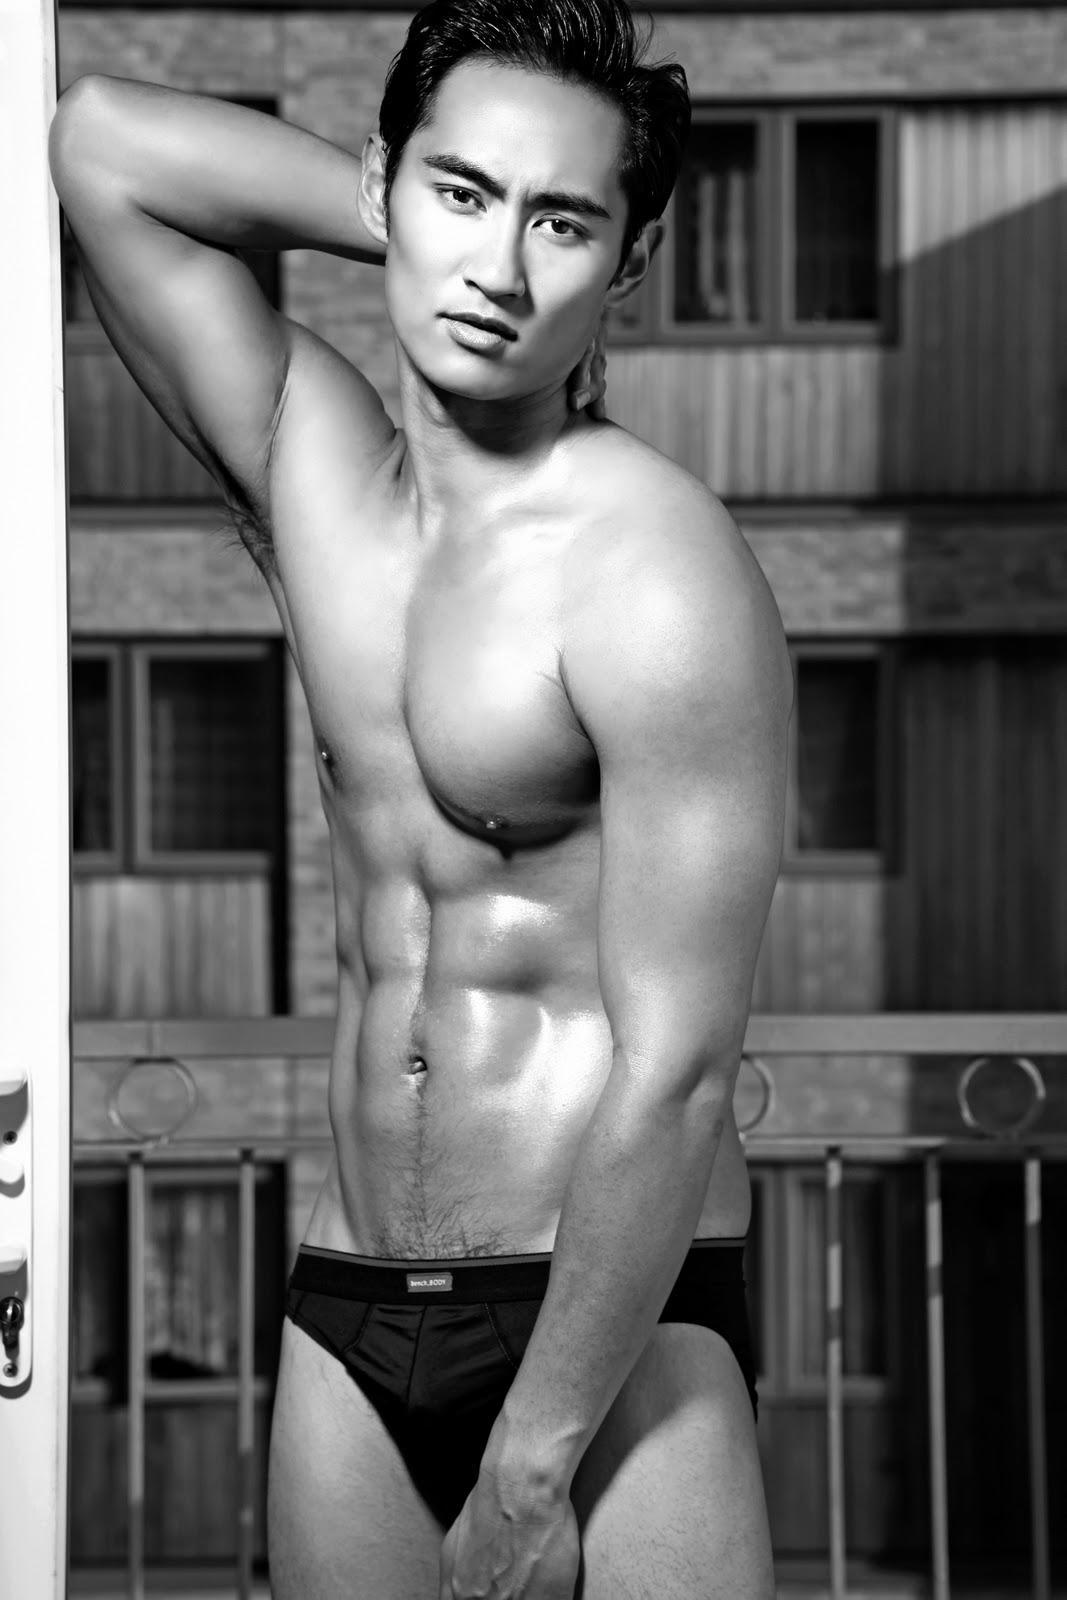 2011 - 2012 | Manhunt - Mister International - Mister Universe Model | Hawaii - USA | Rhonee Rojas Rhonee_04